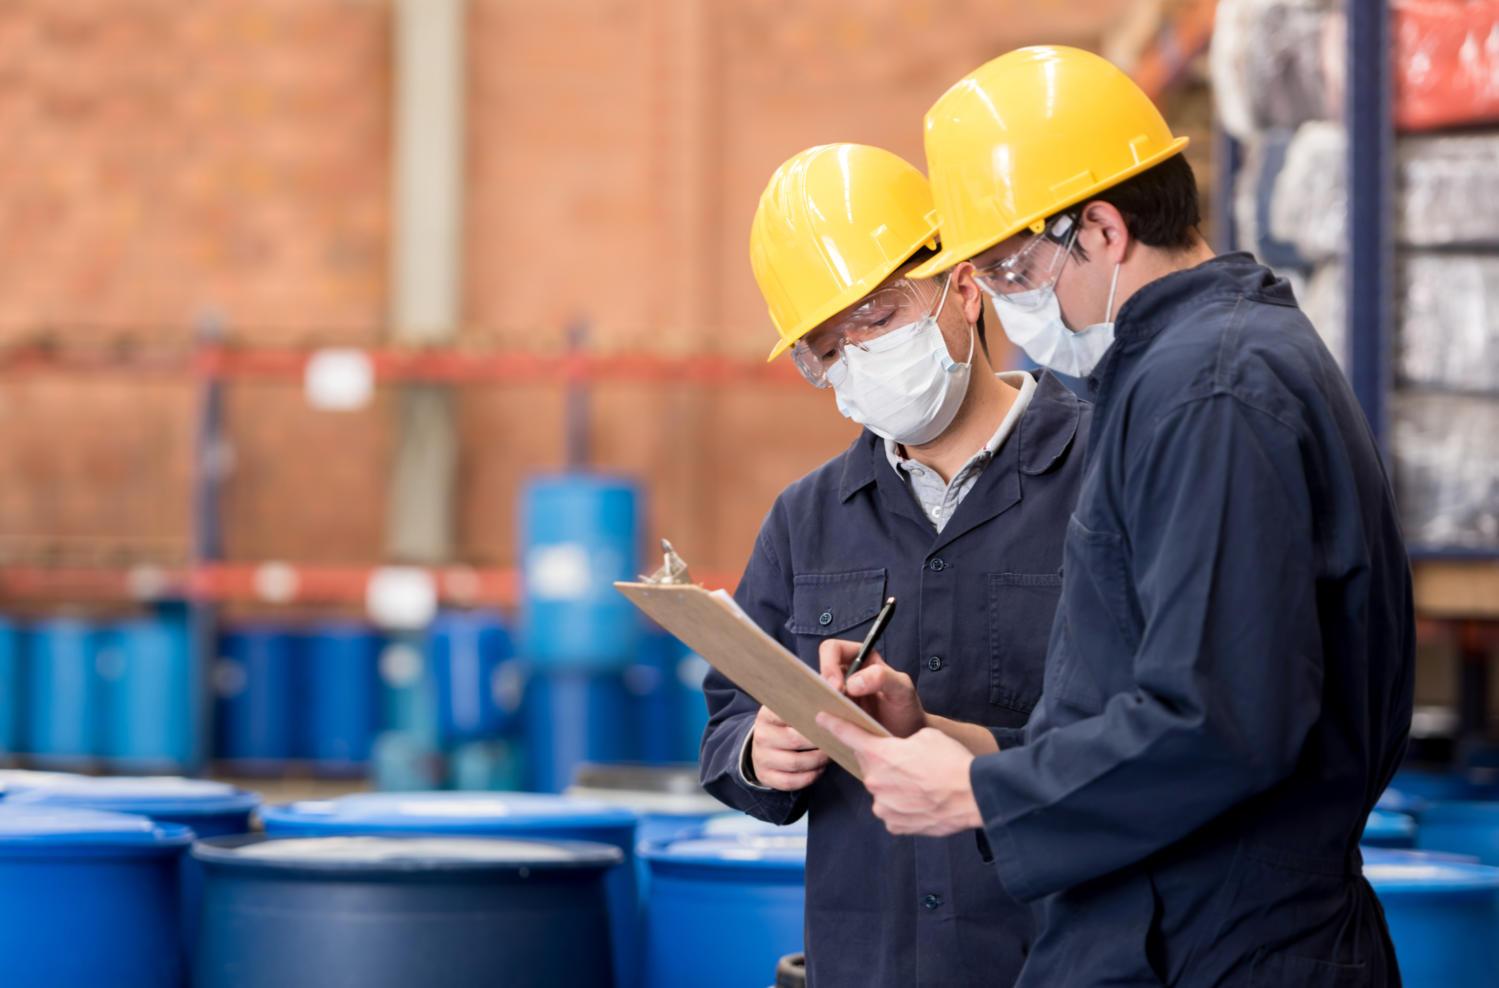 Working in safe workshops